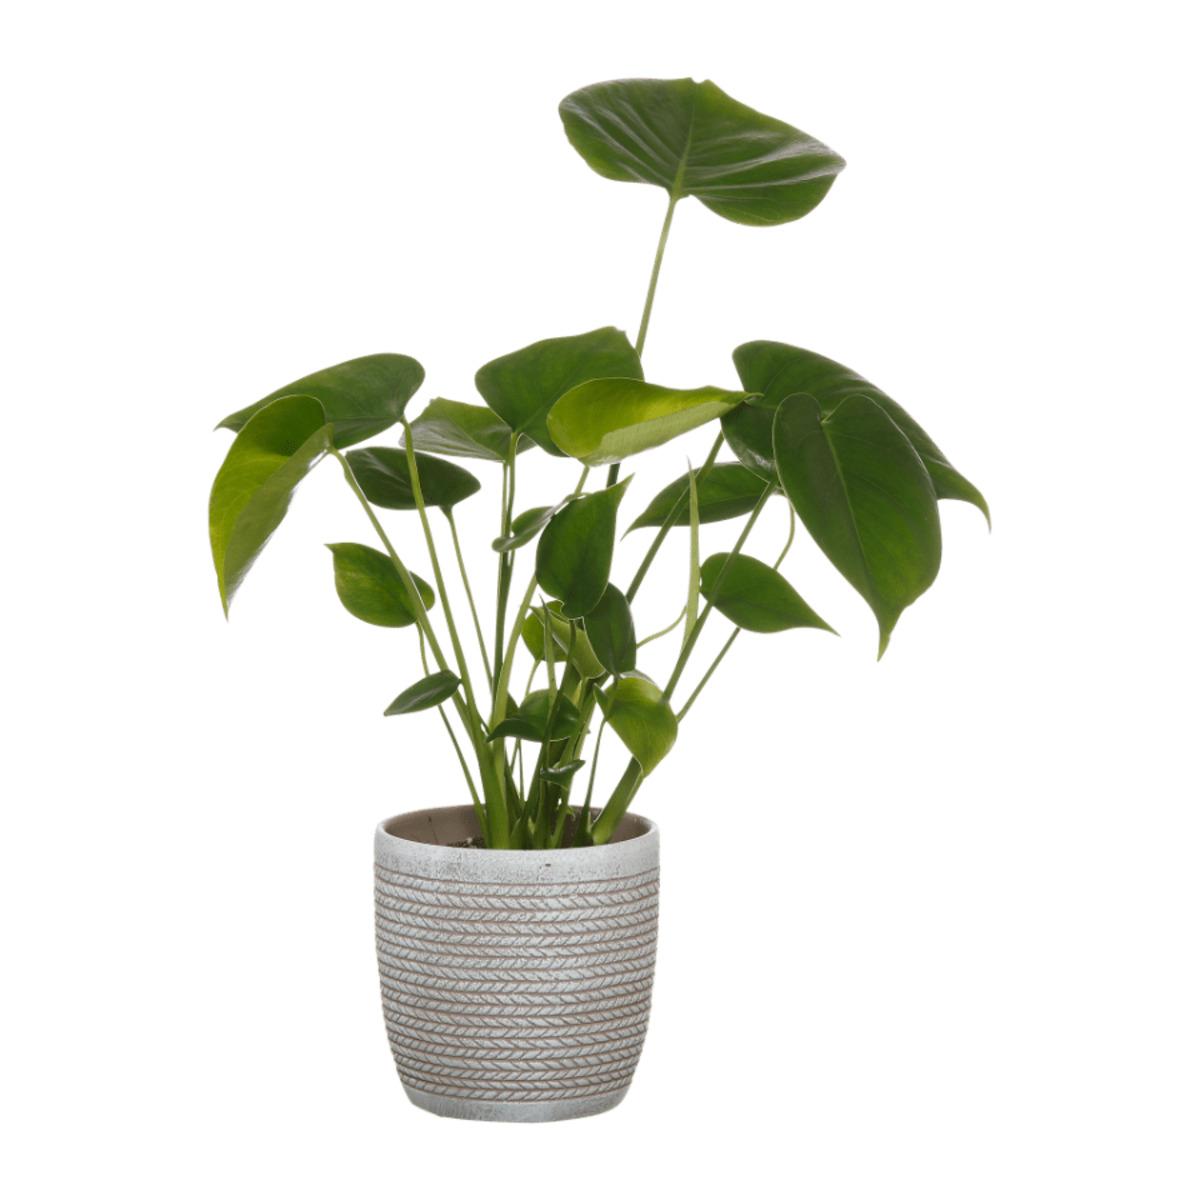 Bild 5 von GARDENLINE     Pflanze in Trendkeramik